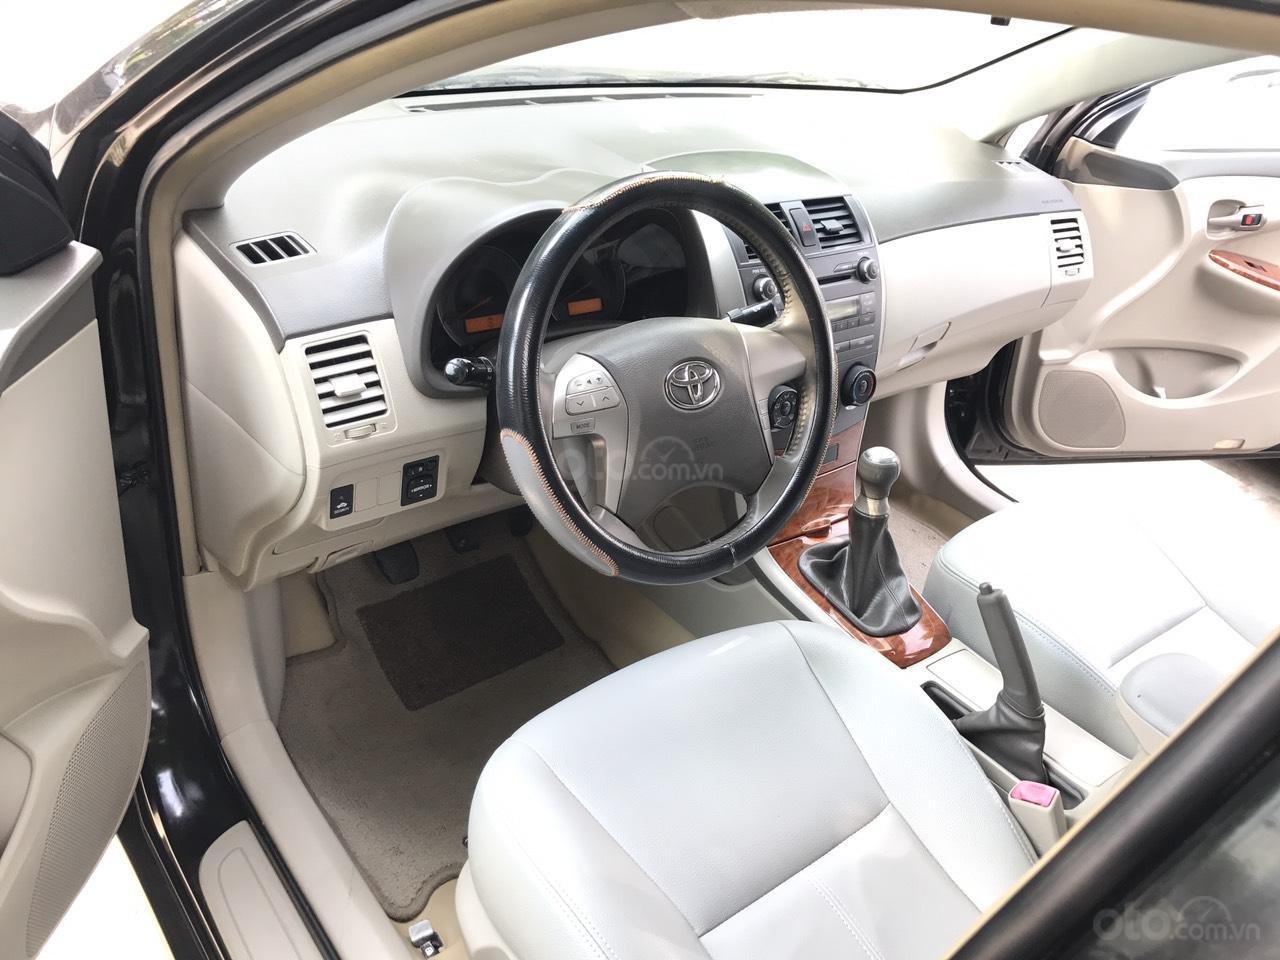 Cần bán Toyota Corolla Altis 1.8G đời 2010, màu đen, chính chủ cán bộ Sóc Sơn (4)